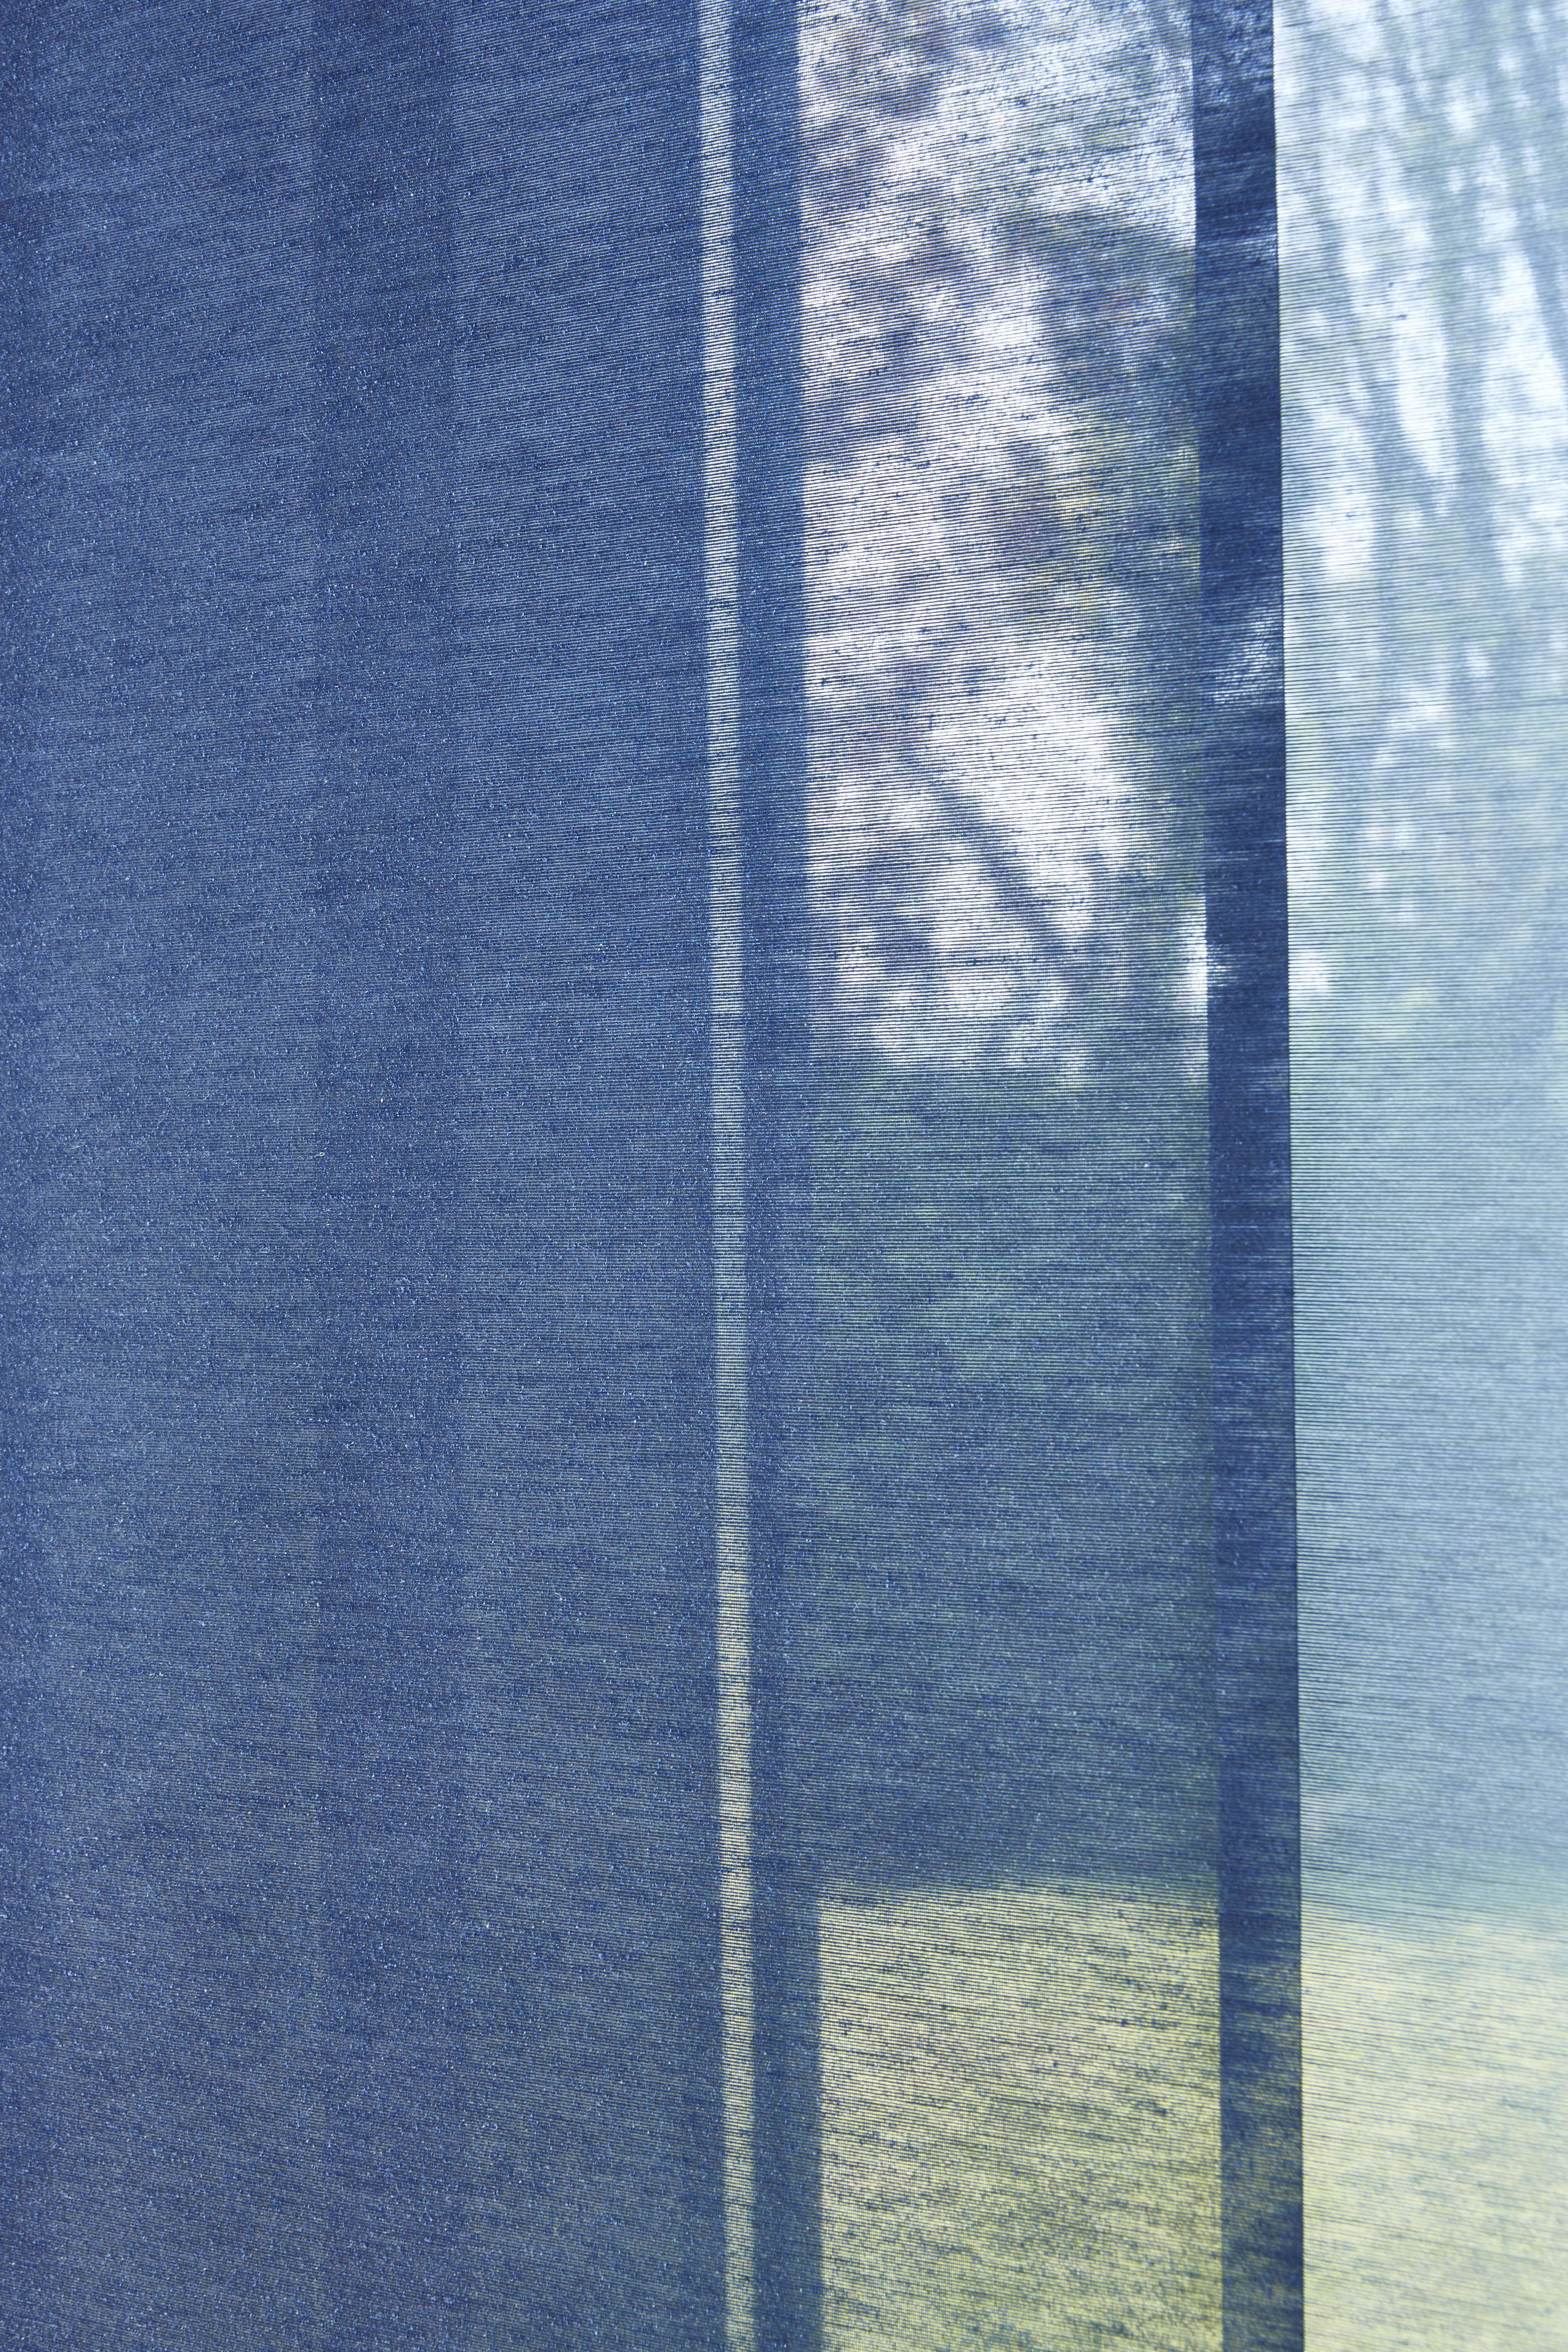 focus panneaux japonais qualit esv dra collection heytens panneau japonais cama eu bleu. Black Bedroom Furniture Sets. Home Design Ideas